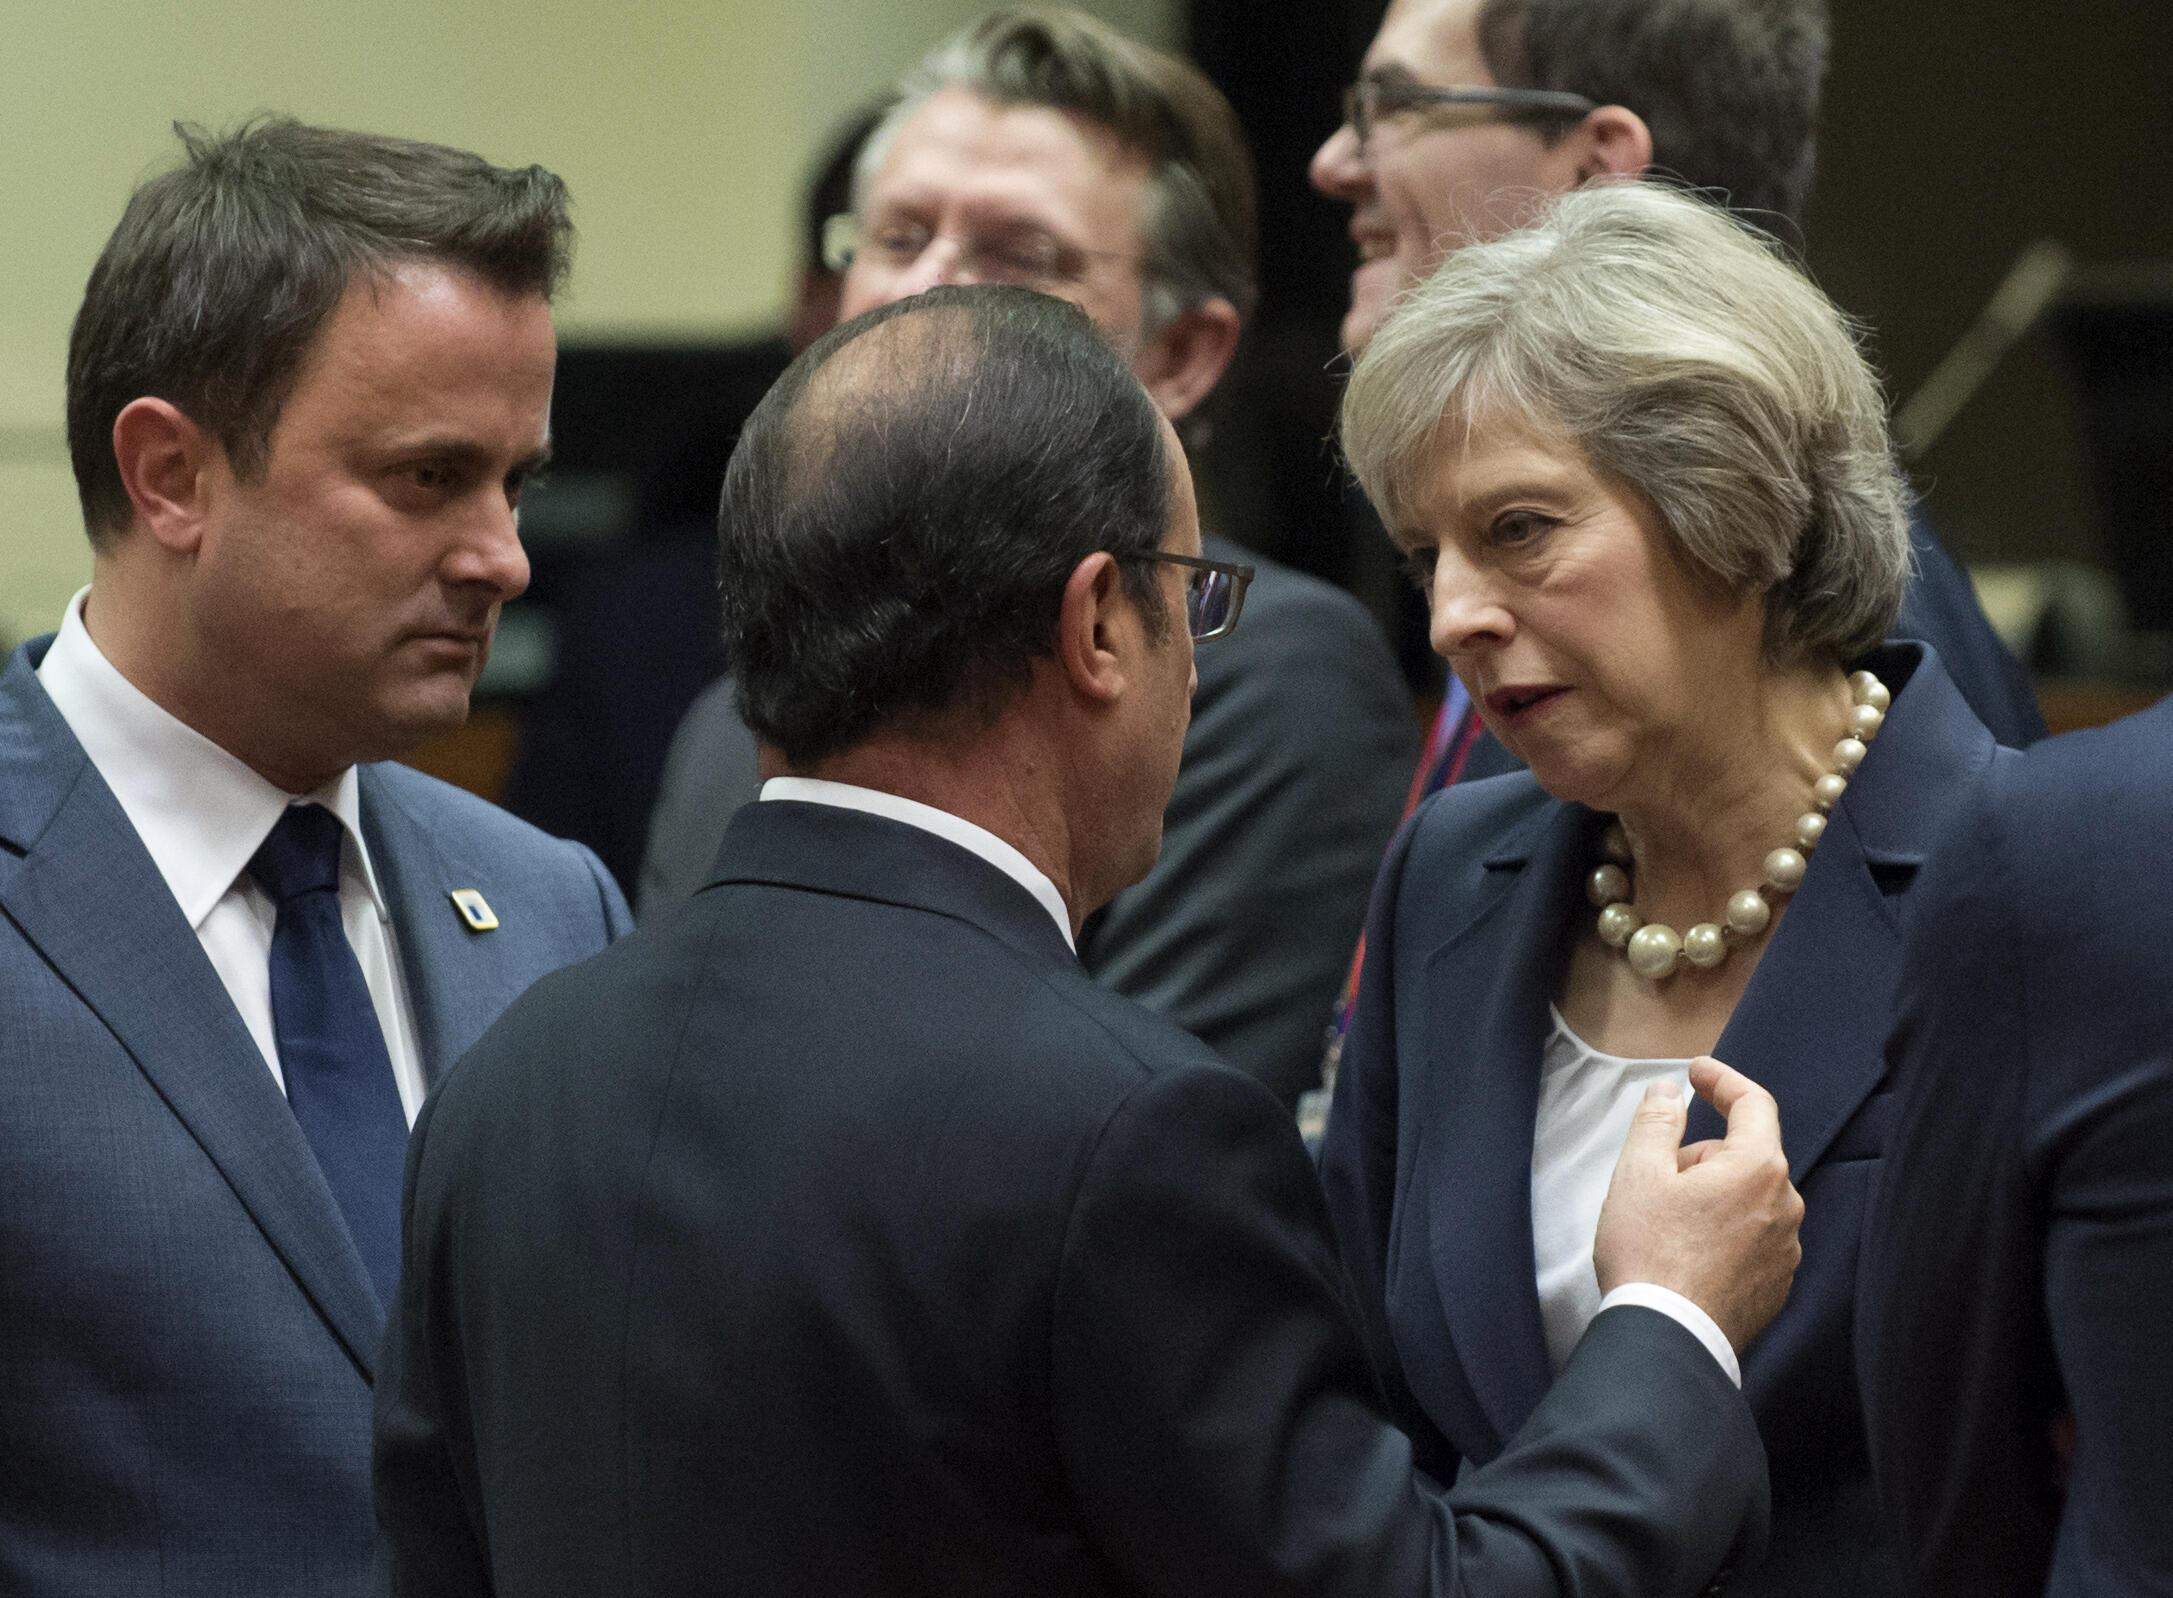 Лидеры Франции и Великобритании Франсуа Олланд и Тереза Мэй на саммите ЕС в Брюсселе. 20.10.2016